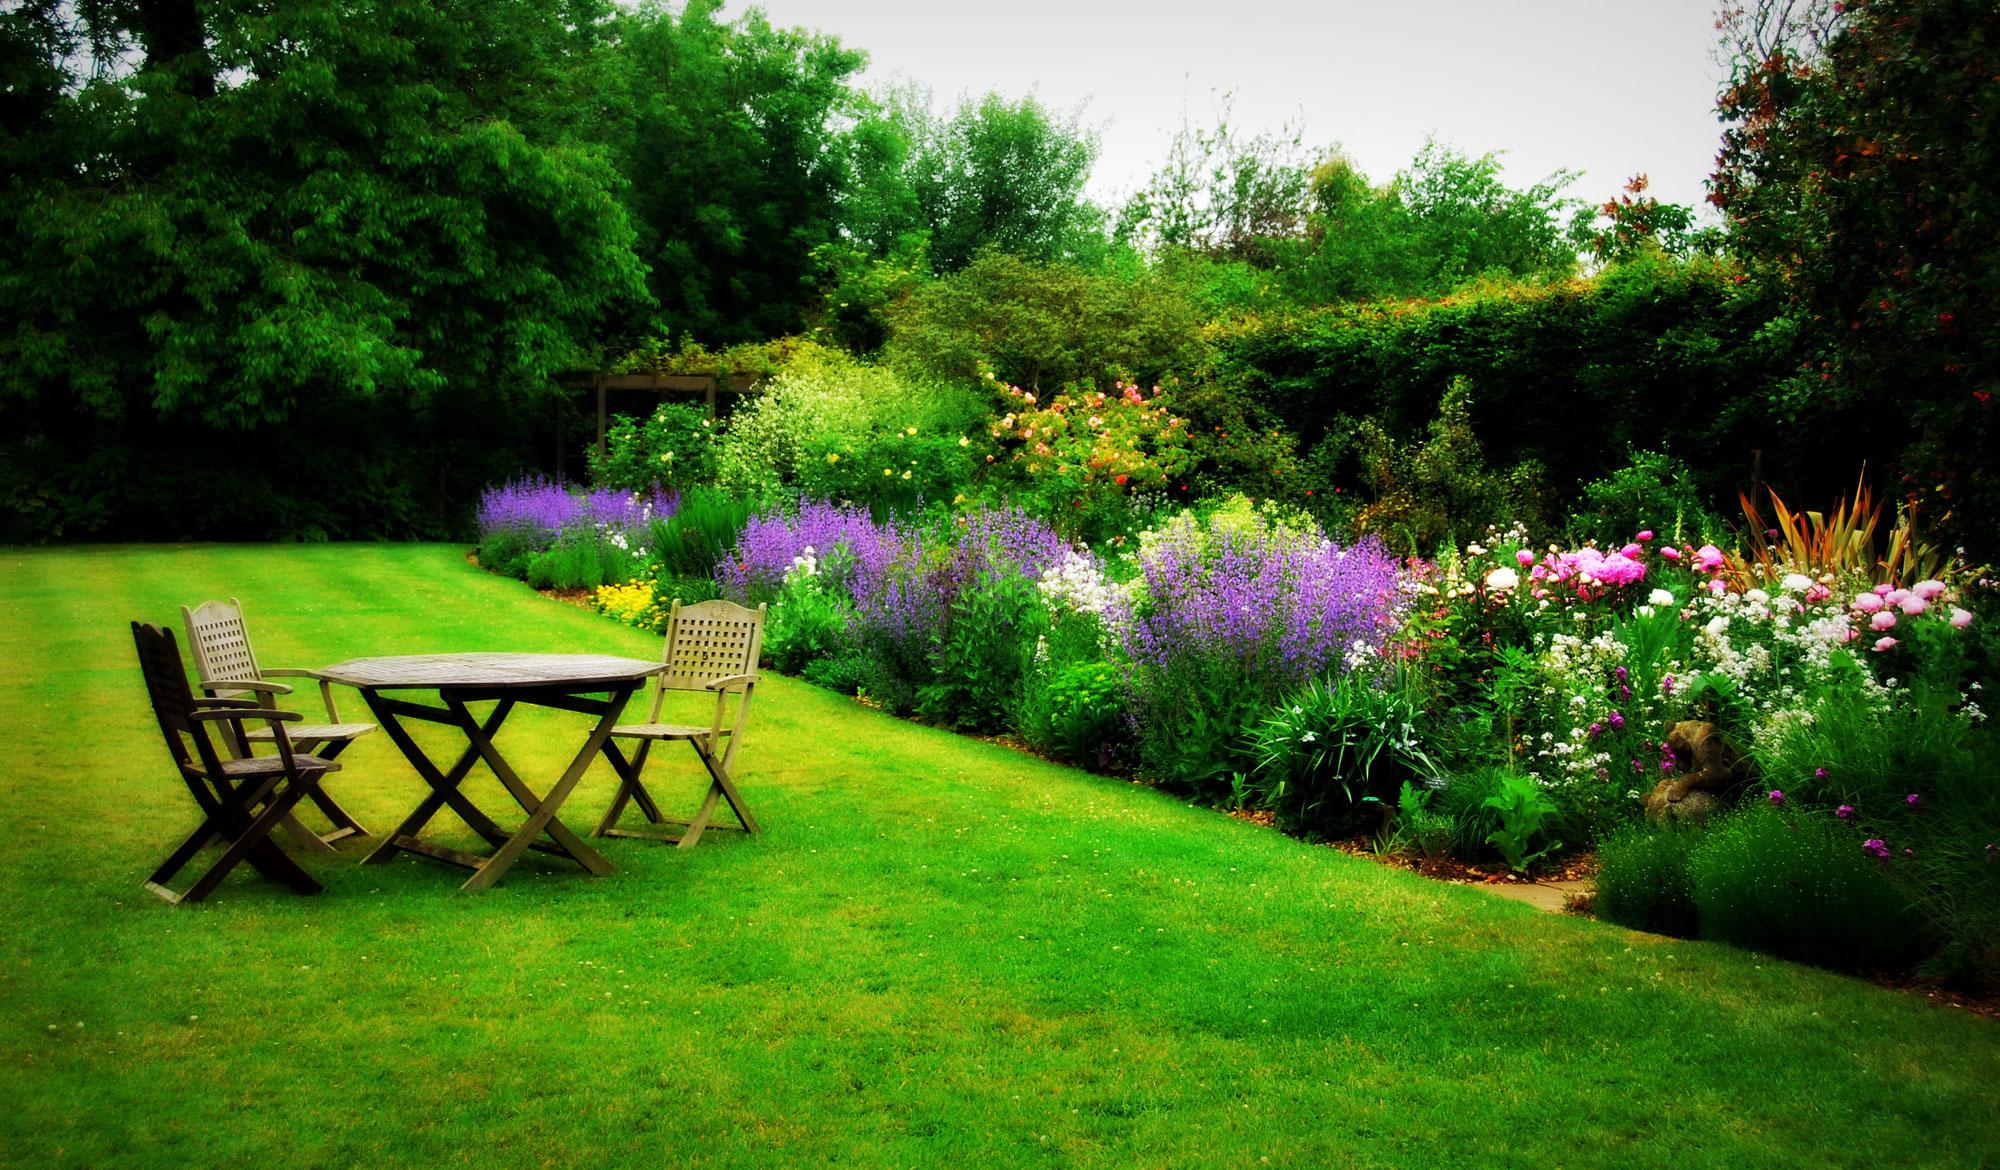 Arredo giardino benvenuti su sandro shop for Area933